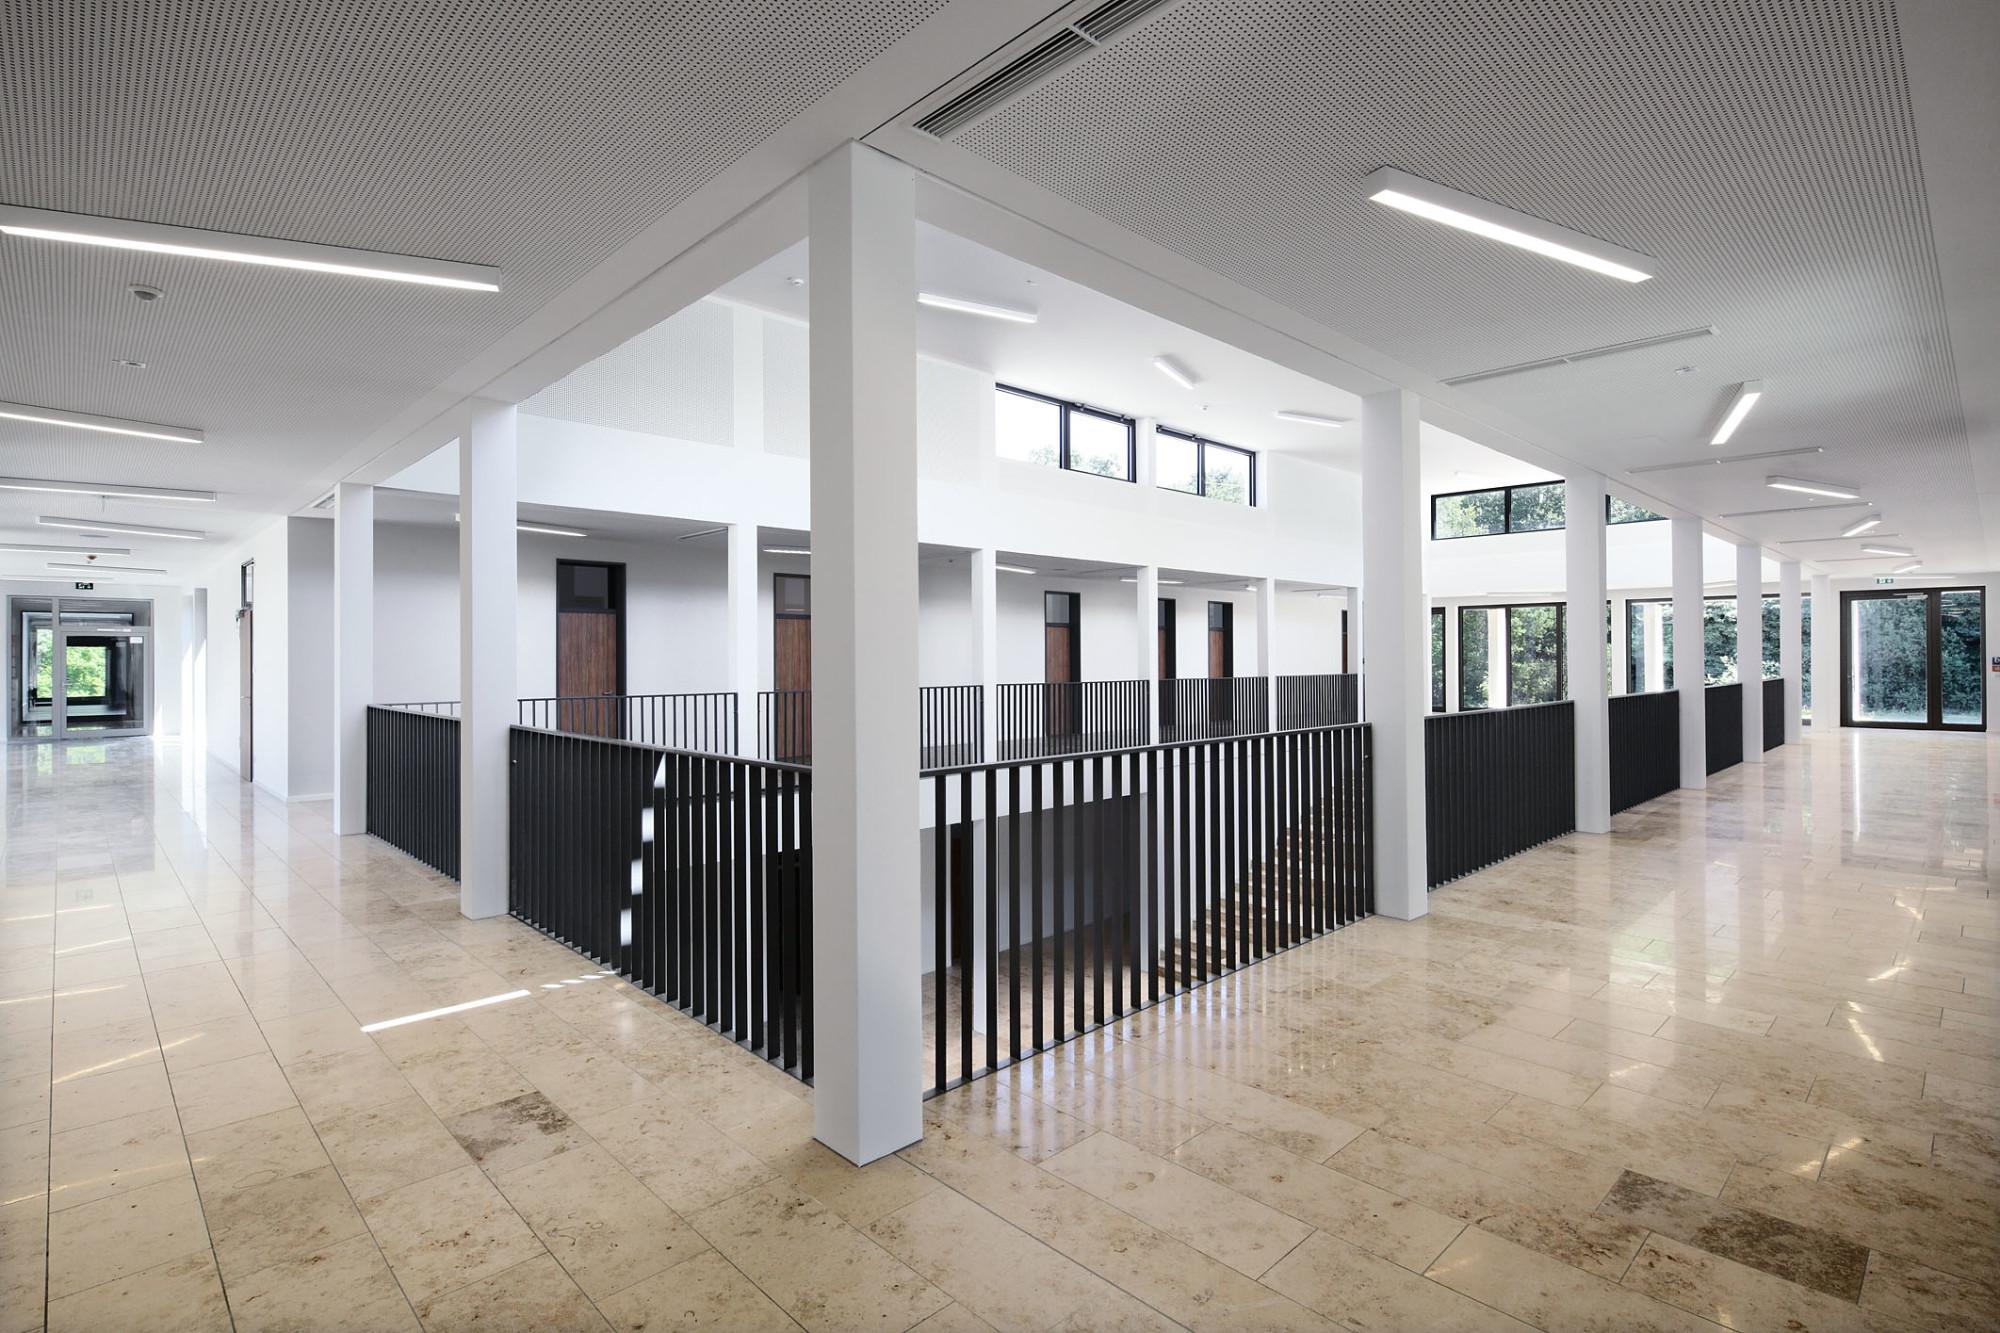 Erweiterung Der Sophie Scholl Schule In Giessen Mauerwerk Bildung